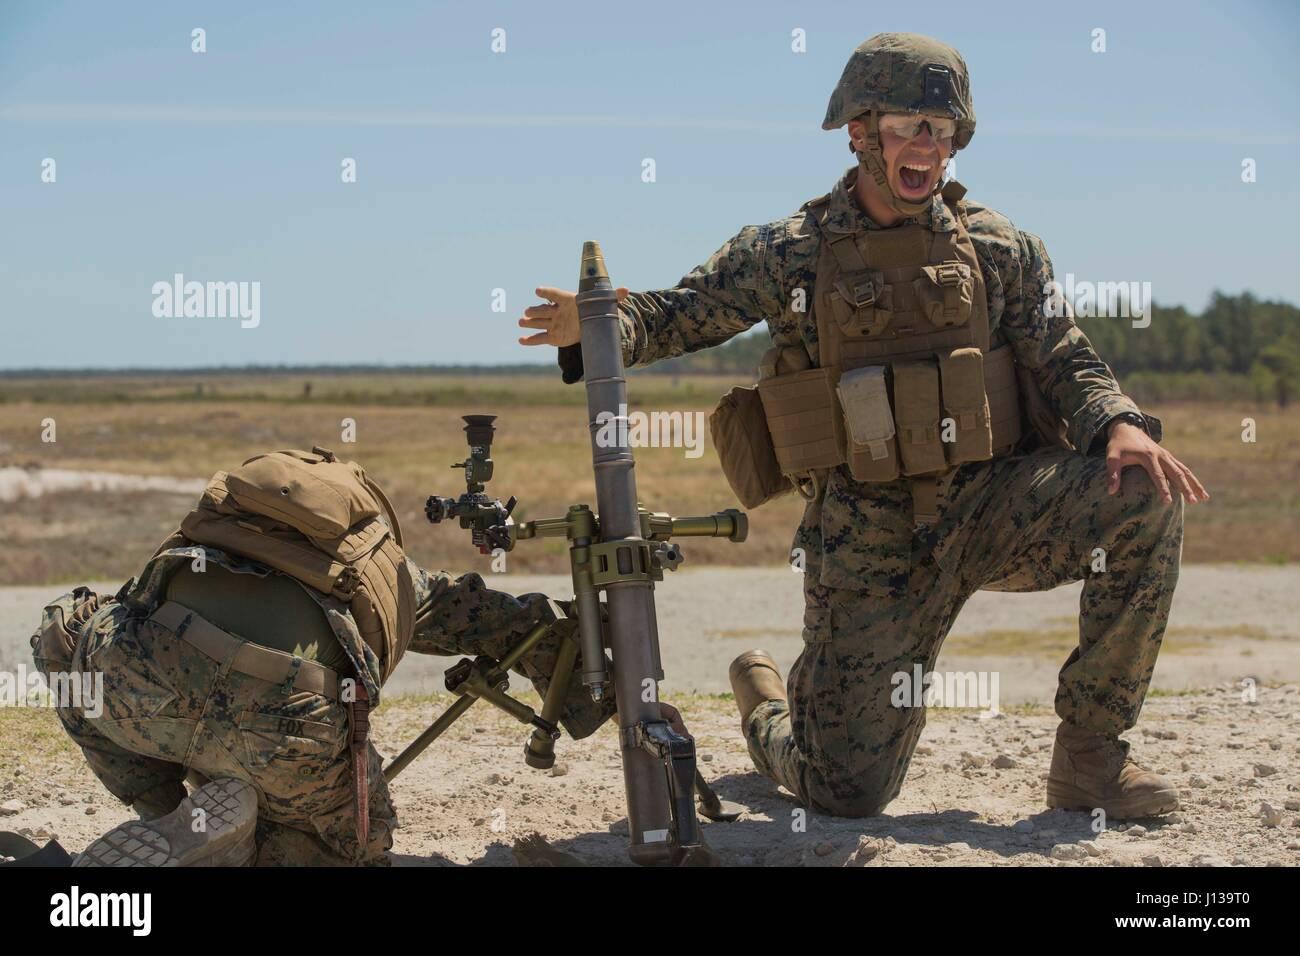 A Marine drops a 60mm mortar into an M224 mortar system